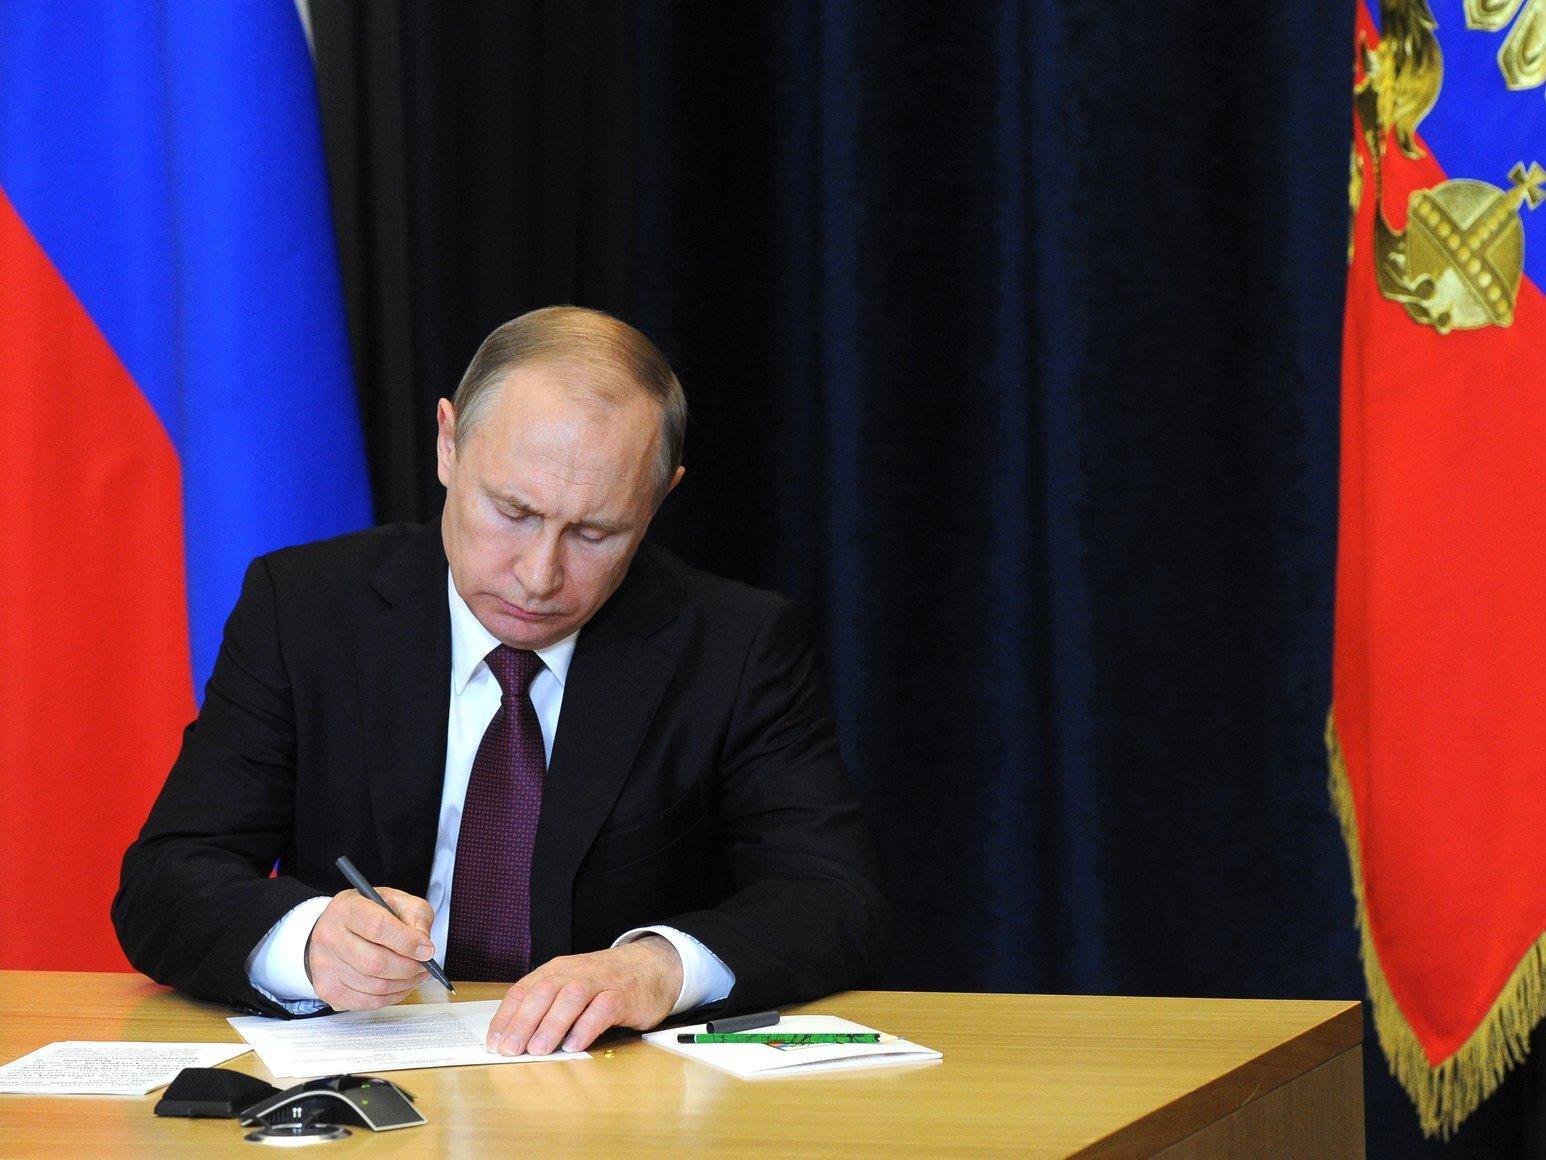 Путин выразил соболезнование премьеру Италии после схода лавины наотель